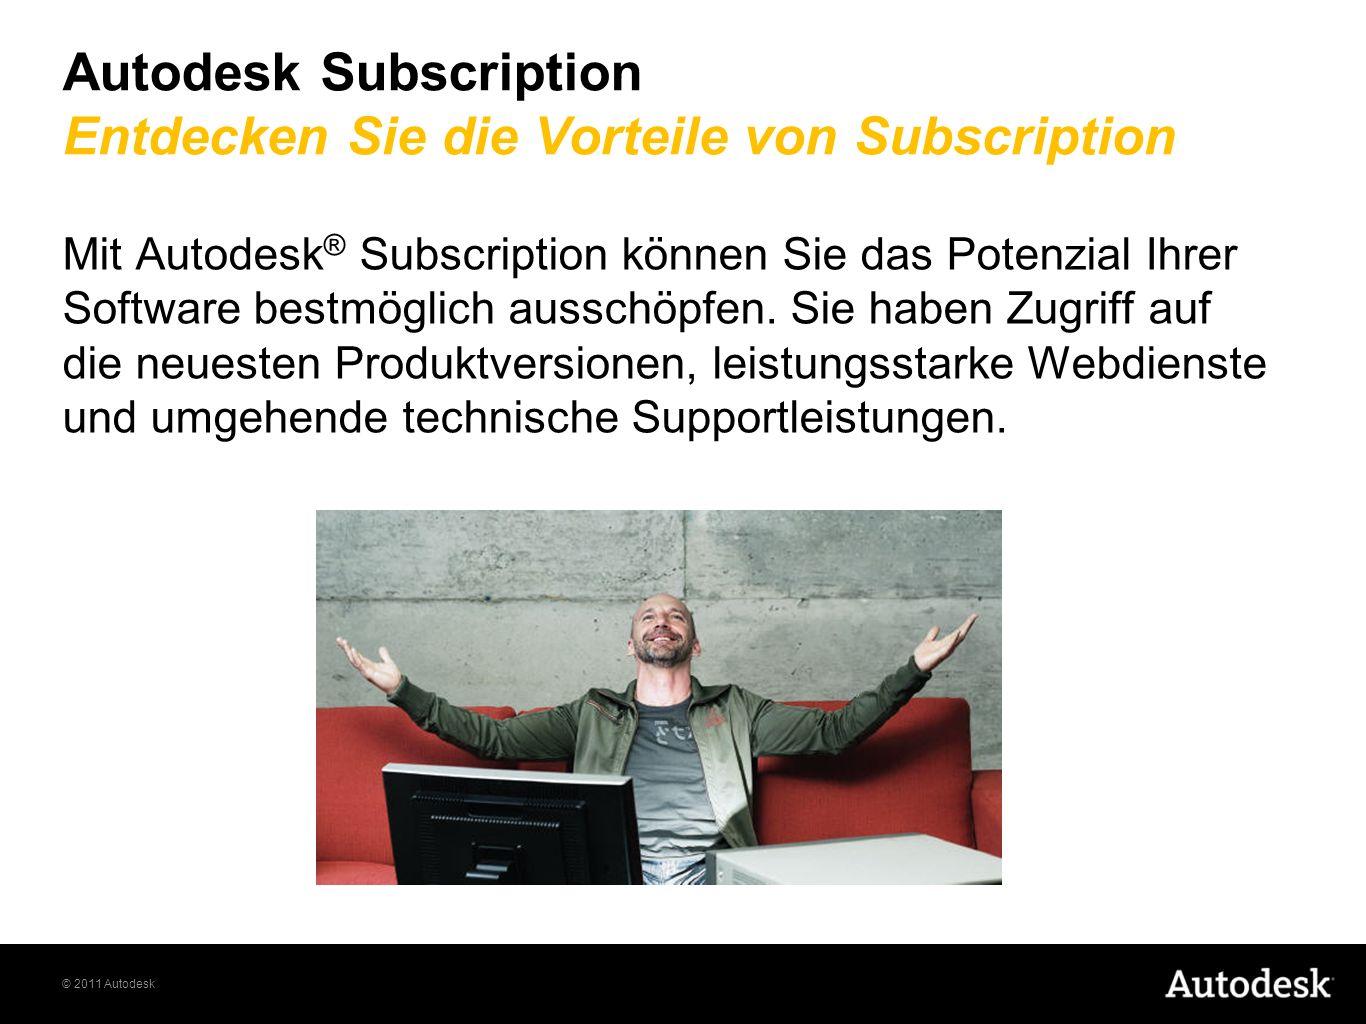 © 2011 Autodesk Autodesk Subscription Entdecken Sie die Vorteile von Subscription Mit Autodesk ® Subscription können Sie das Potenzial Ihrer Software